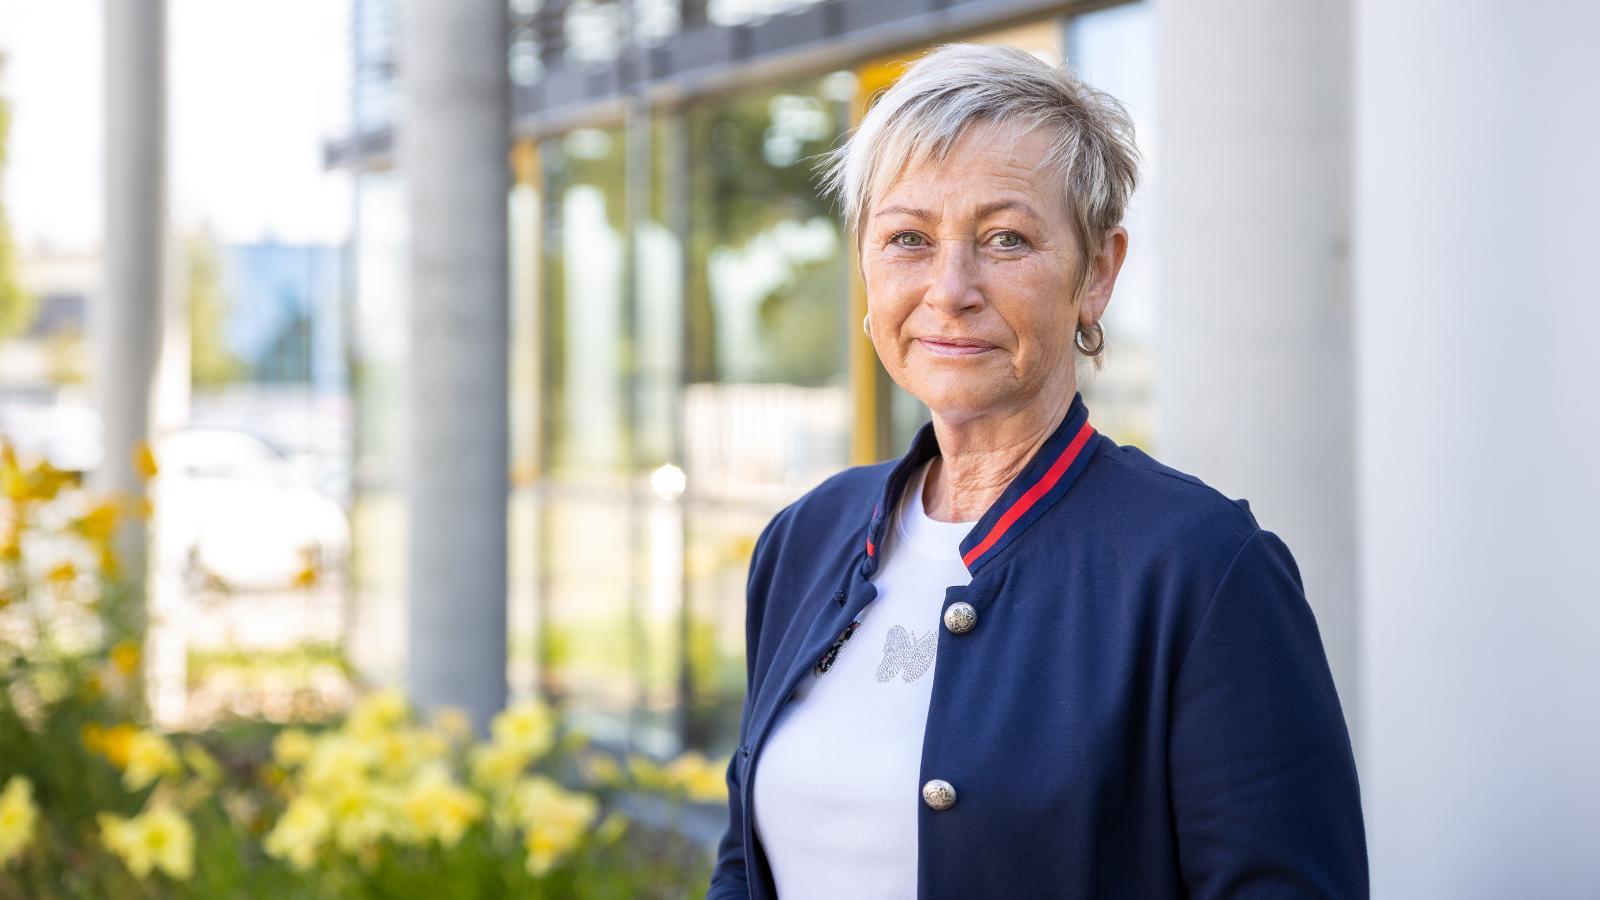 Claudia Ziemens